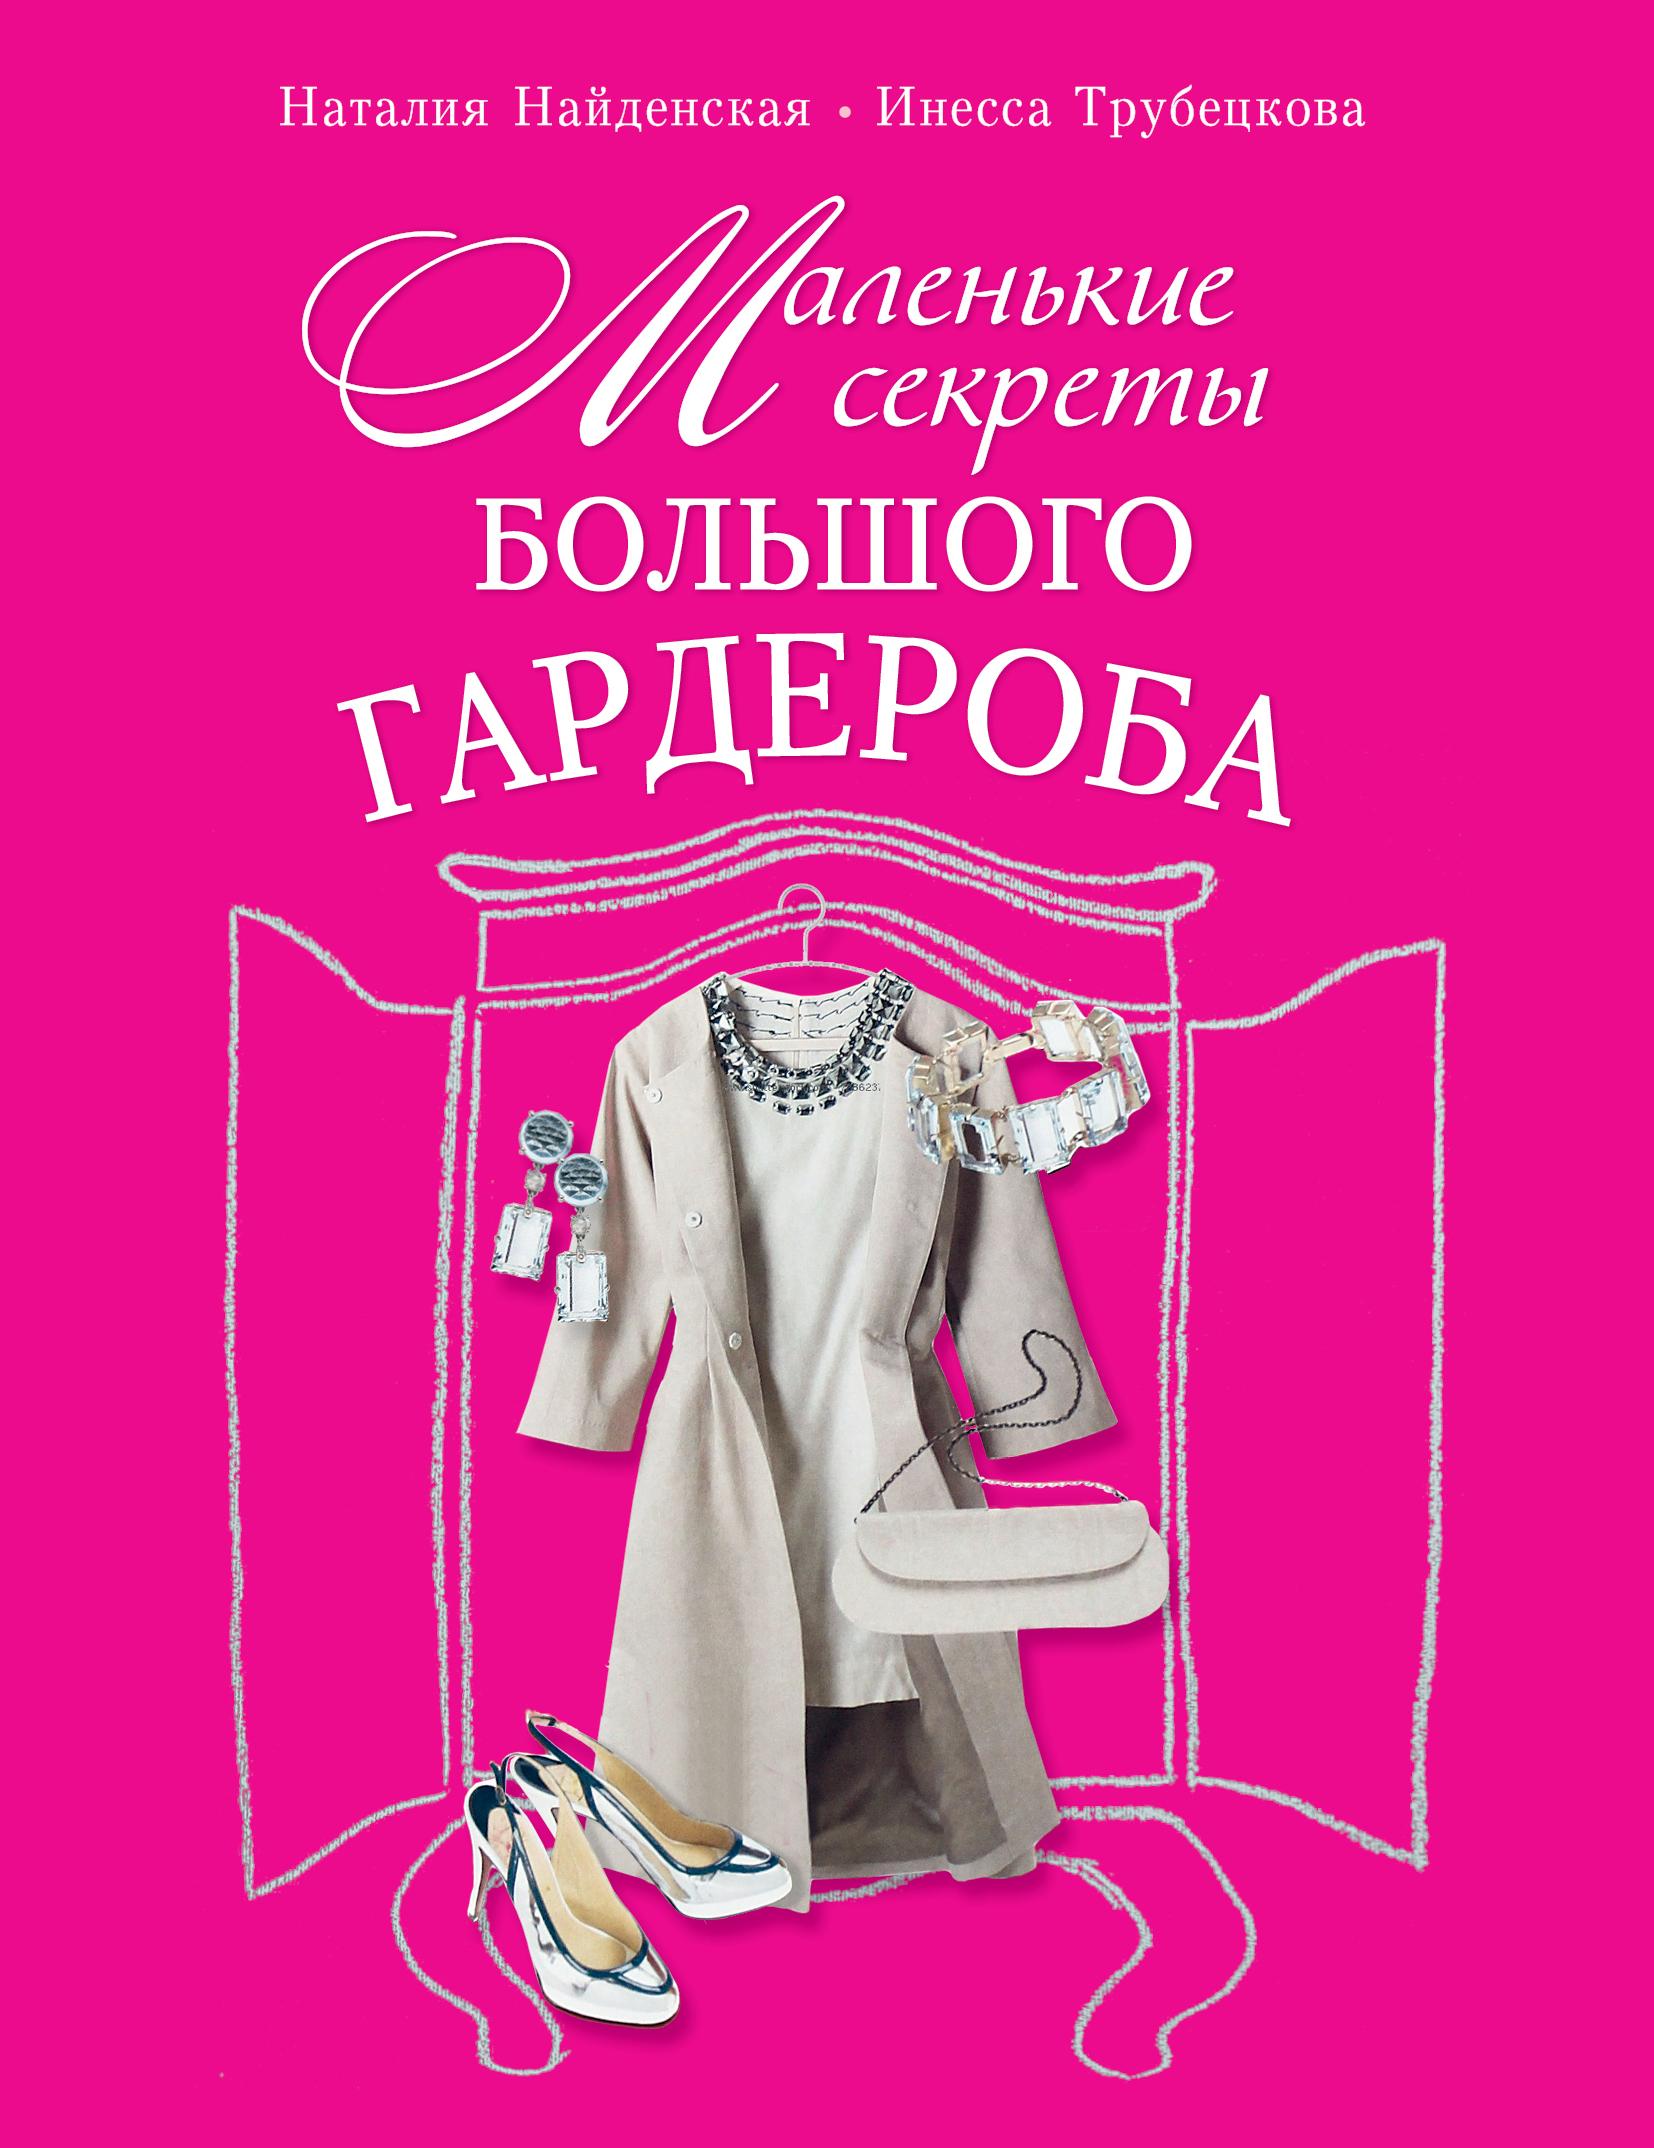 Наталия Найденская, Инесса Трубецкова Маленькие секреты большого гардероба наталия найденская инесса трубецкова триумф черного платья создай свой неповторимый стиль